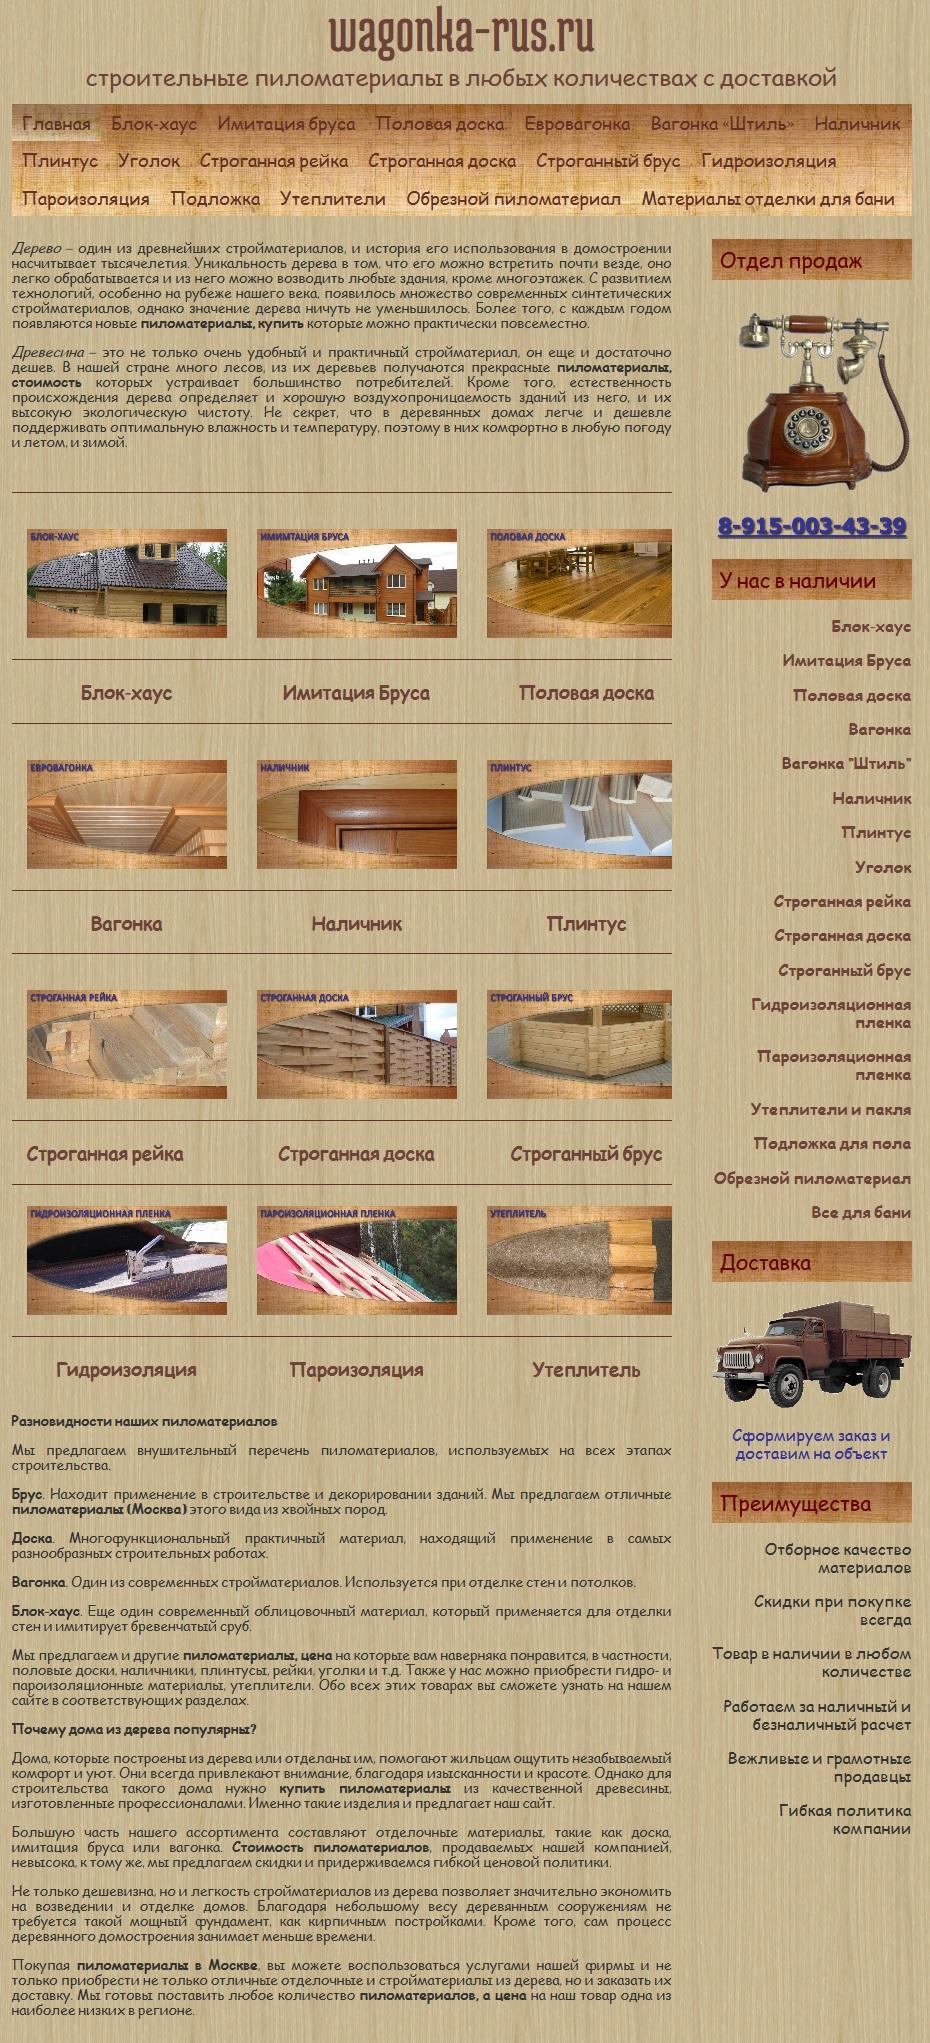 наличник деревянный оптом